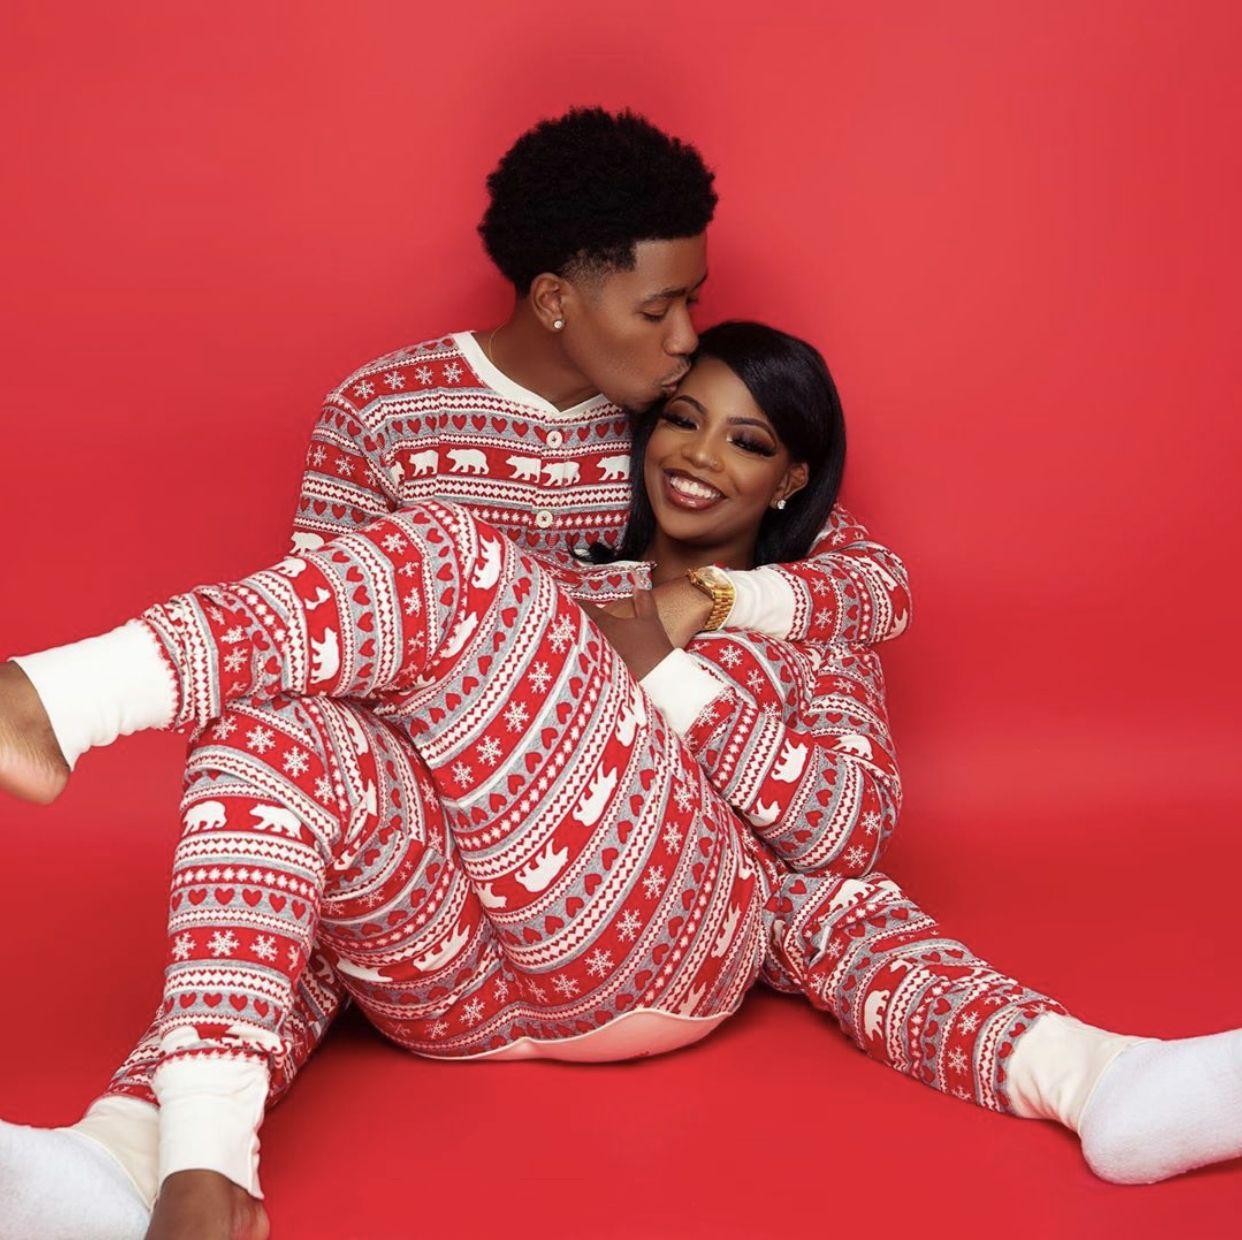 Pin by Tamyiaaaaa♥️ on Cuteeeeee Black couples goals